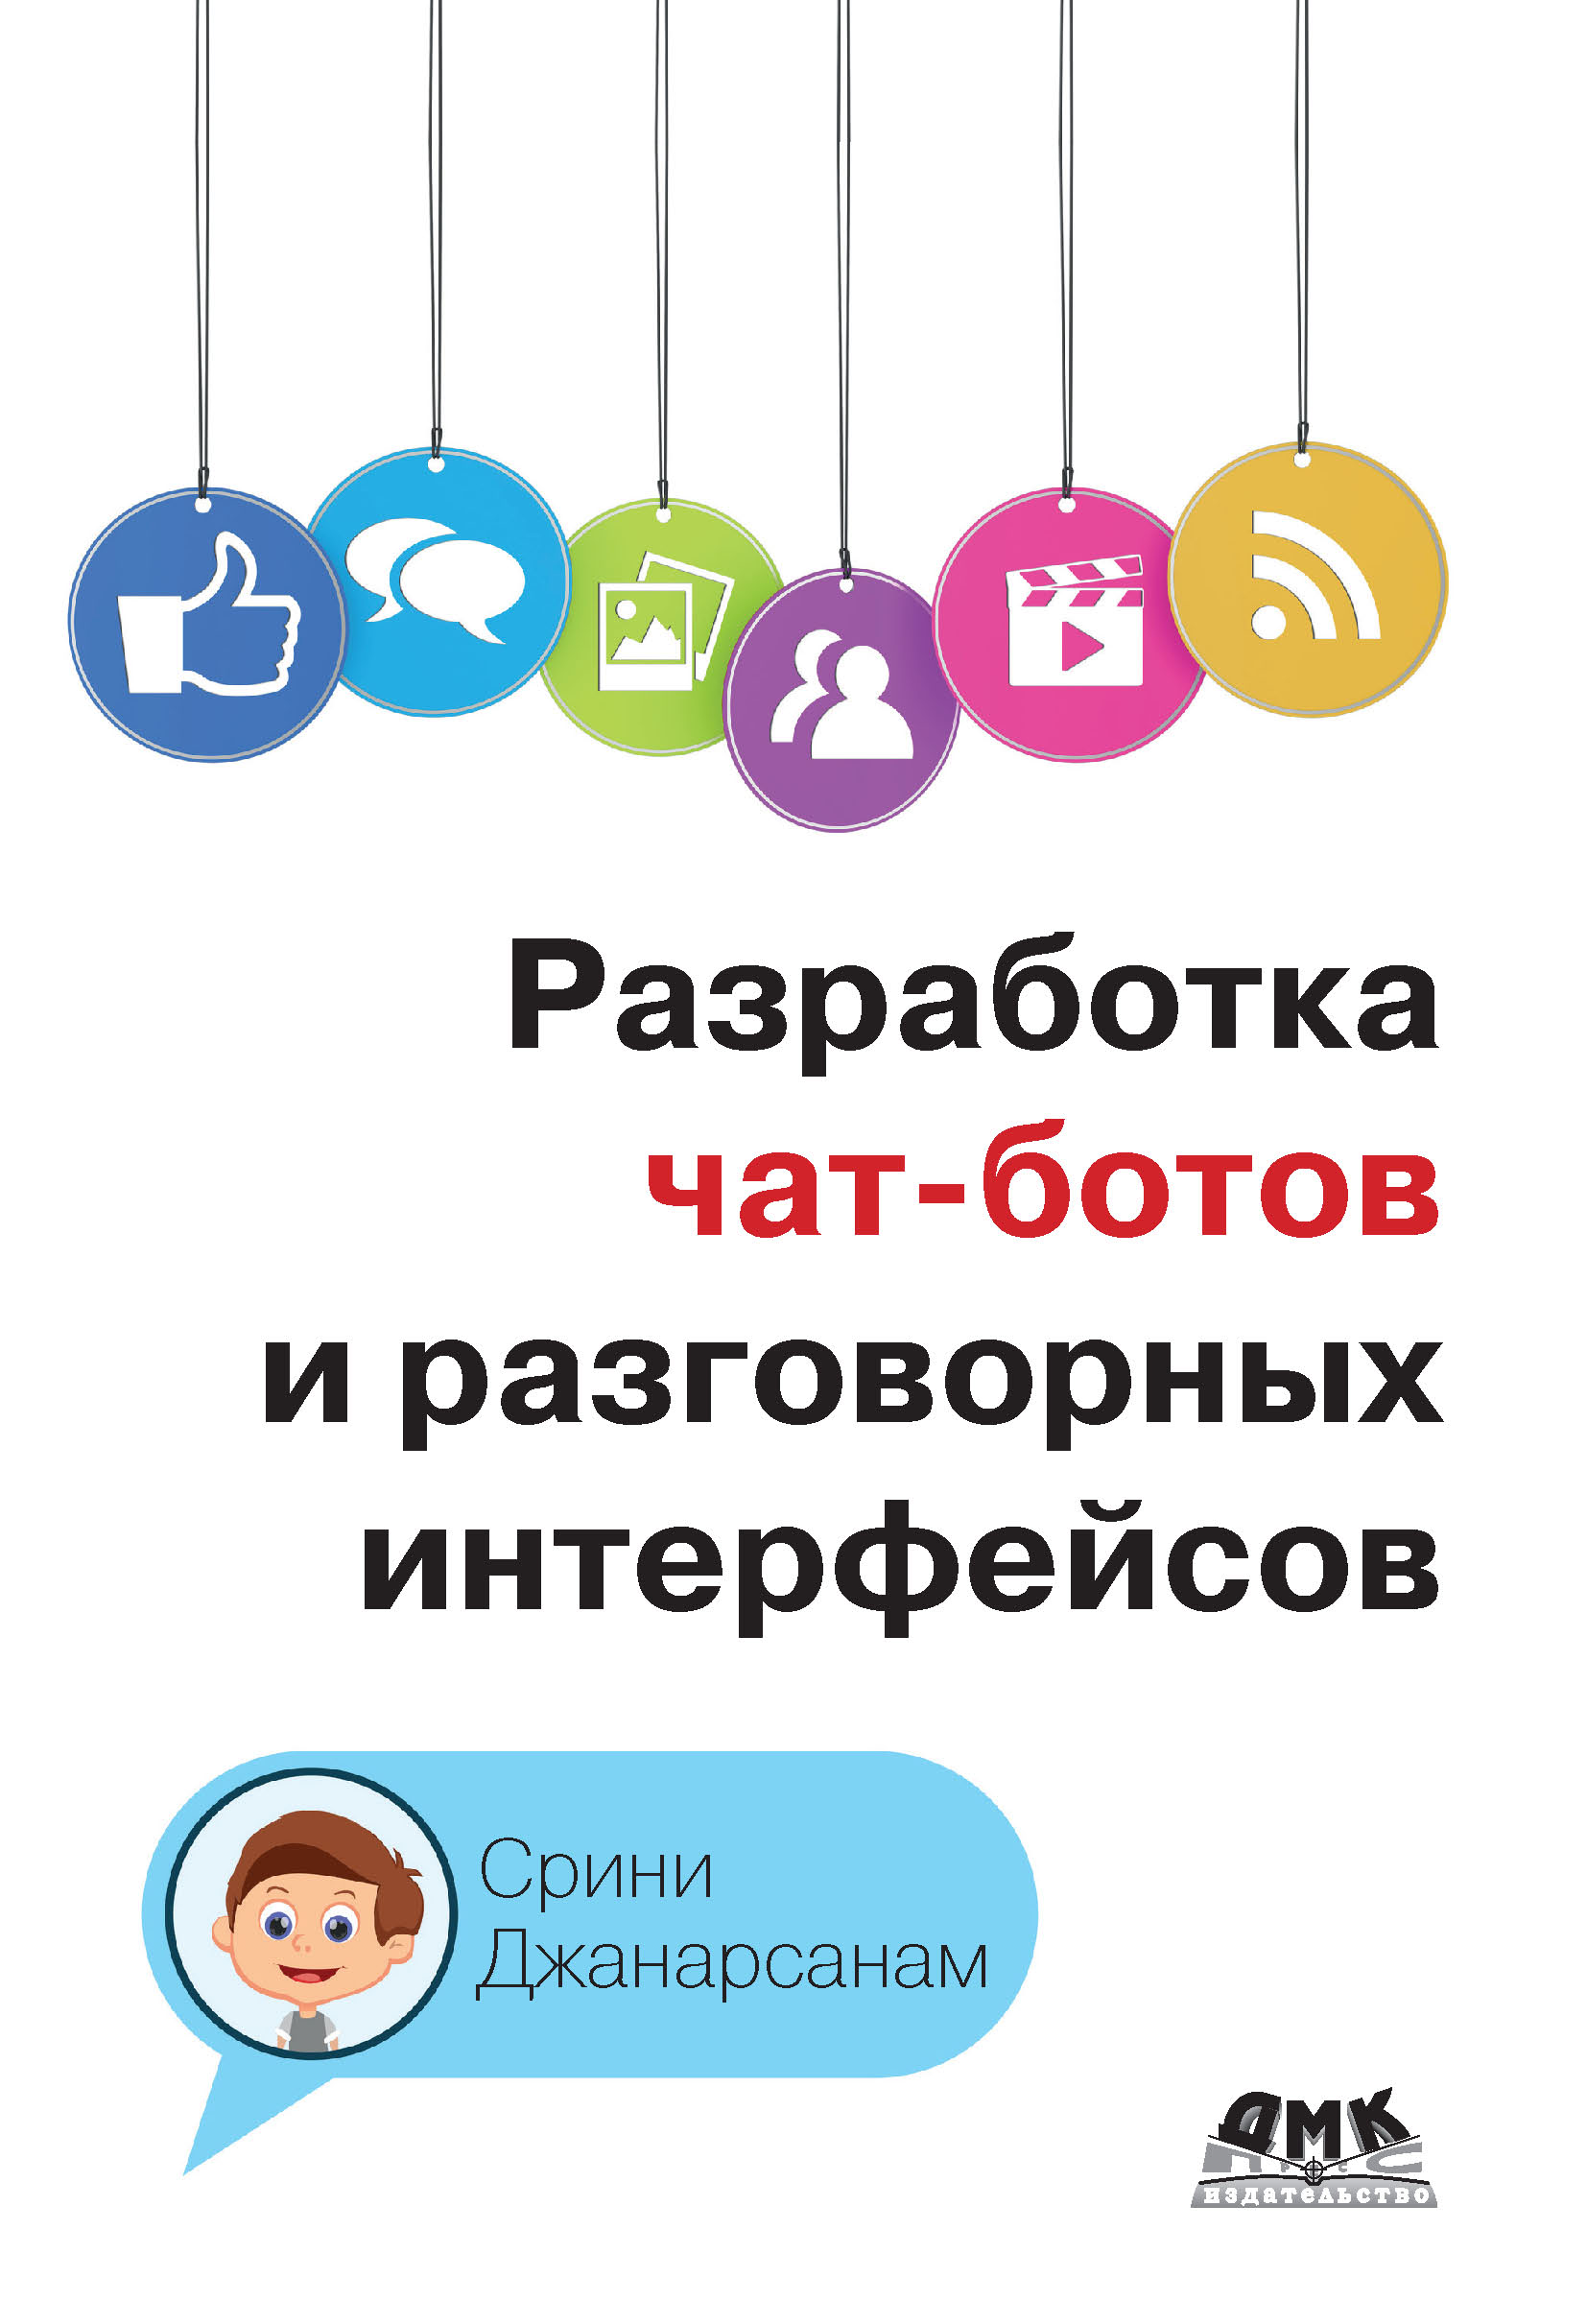 Срини Джанарсанам Разработка чат-ботов и разговорных интерфейсов